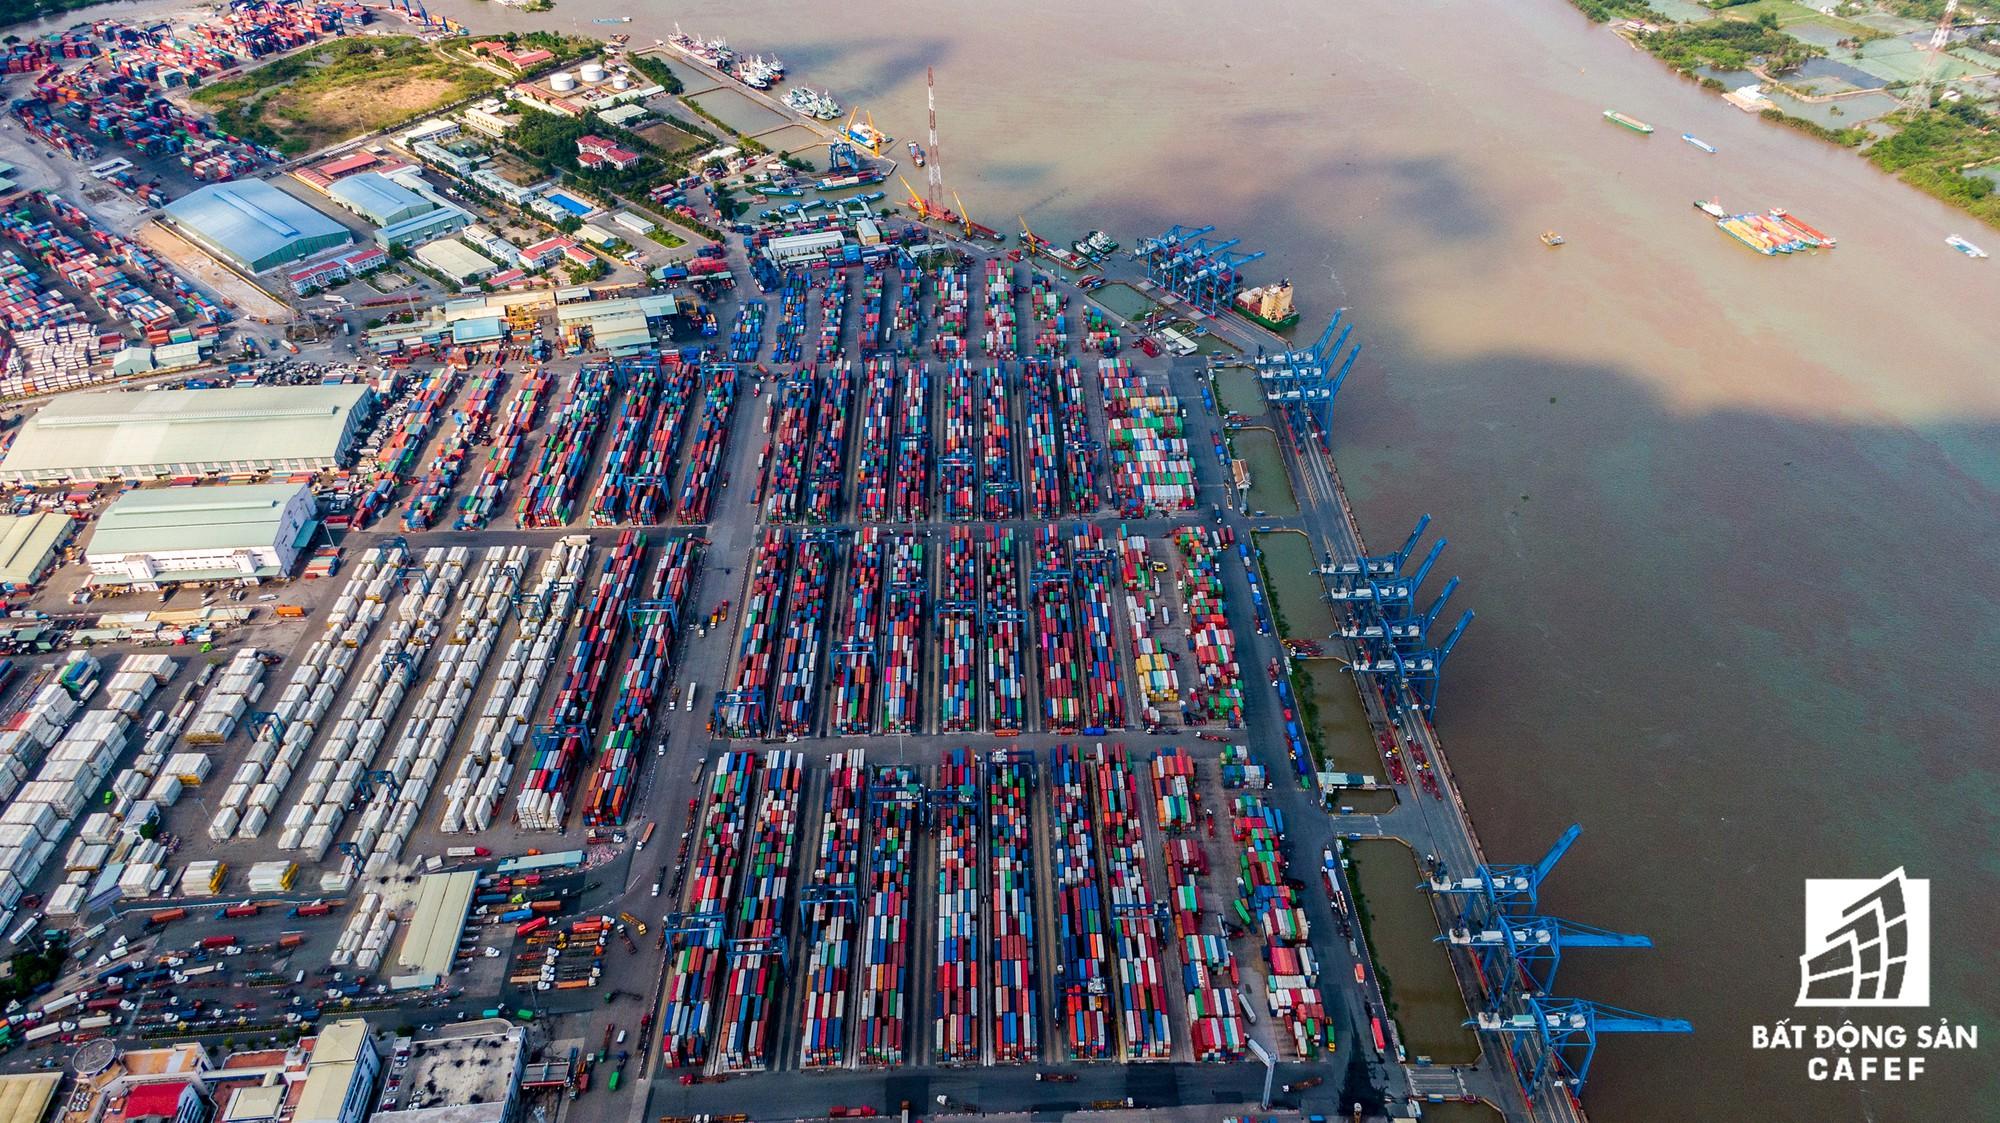 Đồng Nai chốt phương án xây cầu Cát Lái nối Nhơn Trạch và TP.HCM, bức tranh thị trường bất động sản thay đổi chóng mặt - Ảnh 7.